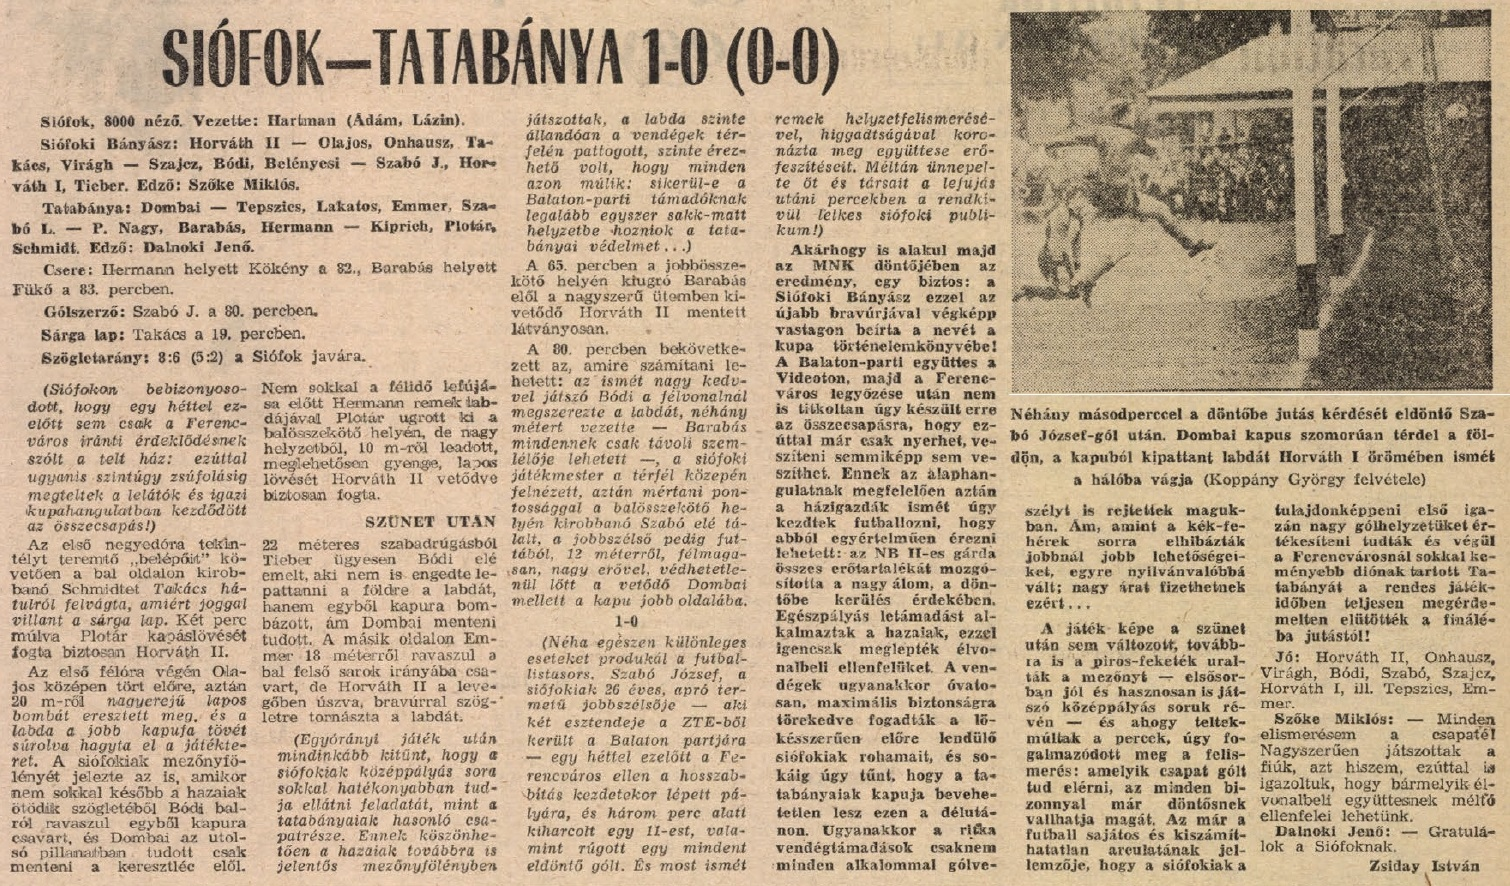 idokapszula_nb_i_1983_84_26_fordulo_mnk_siofok_tatabanya.jpg